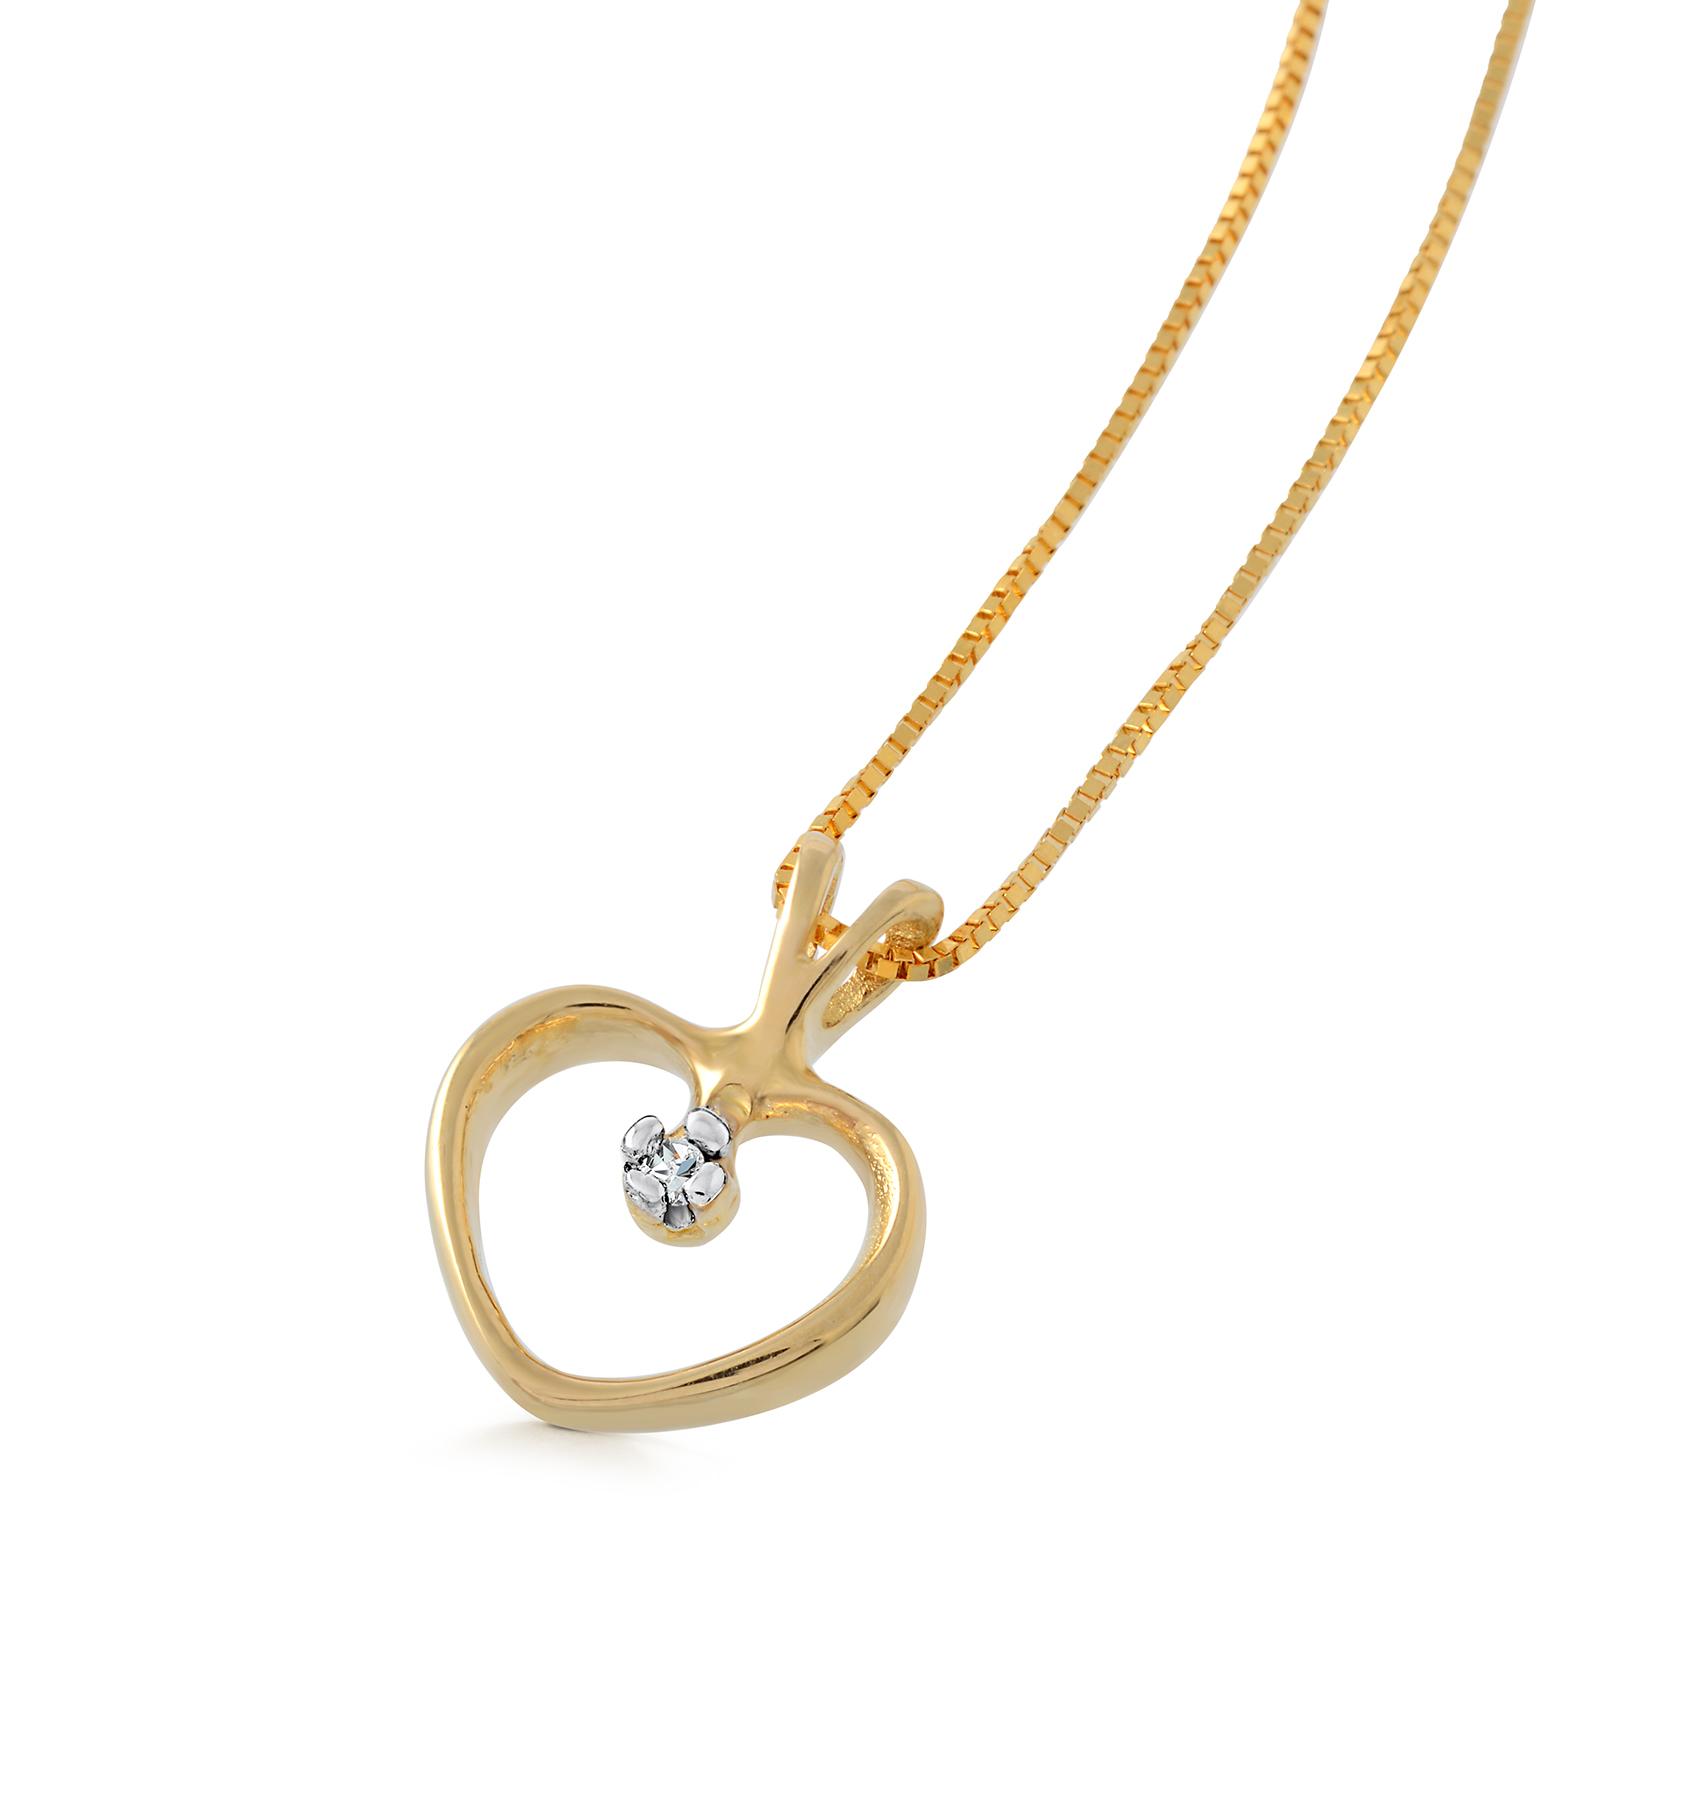 Petit pendentif coeur sertis d'une touche de diamant - en or jaune 10K - Chaîne incluse